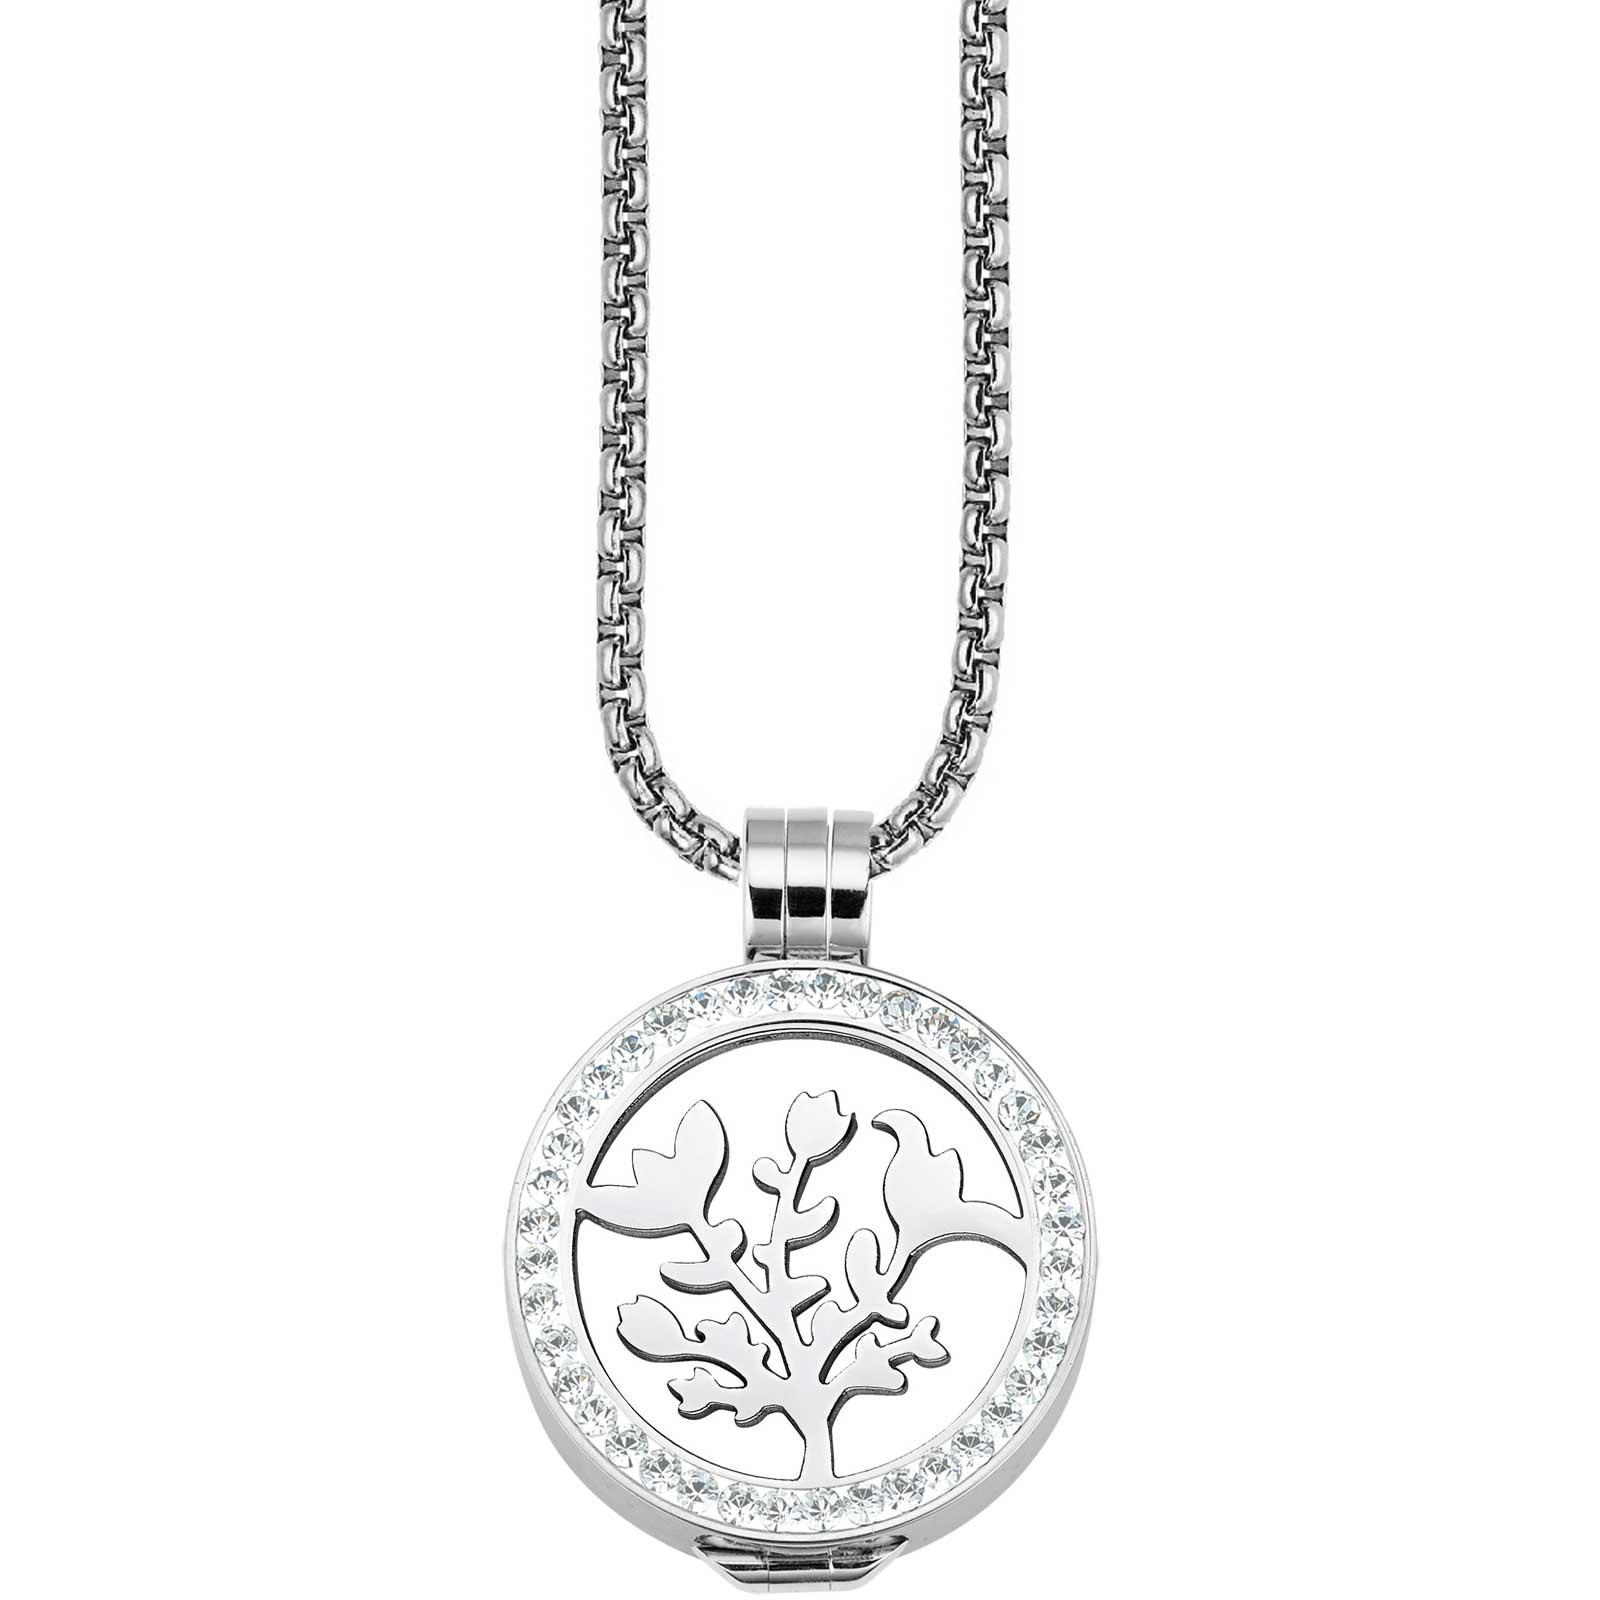 CS004_Coin-Fassung_mit_Coin_CS171_CS172_Coin_Blume_Kette